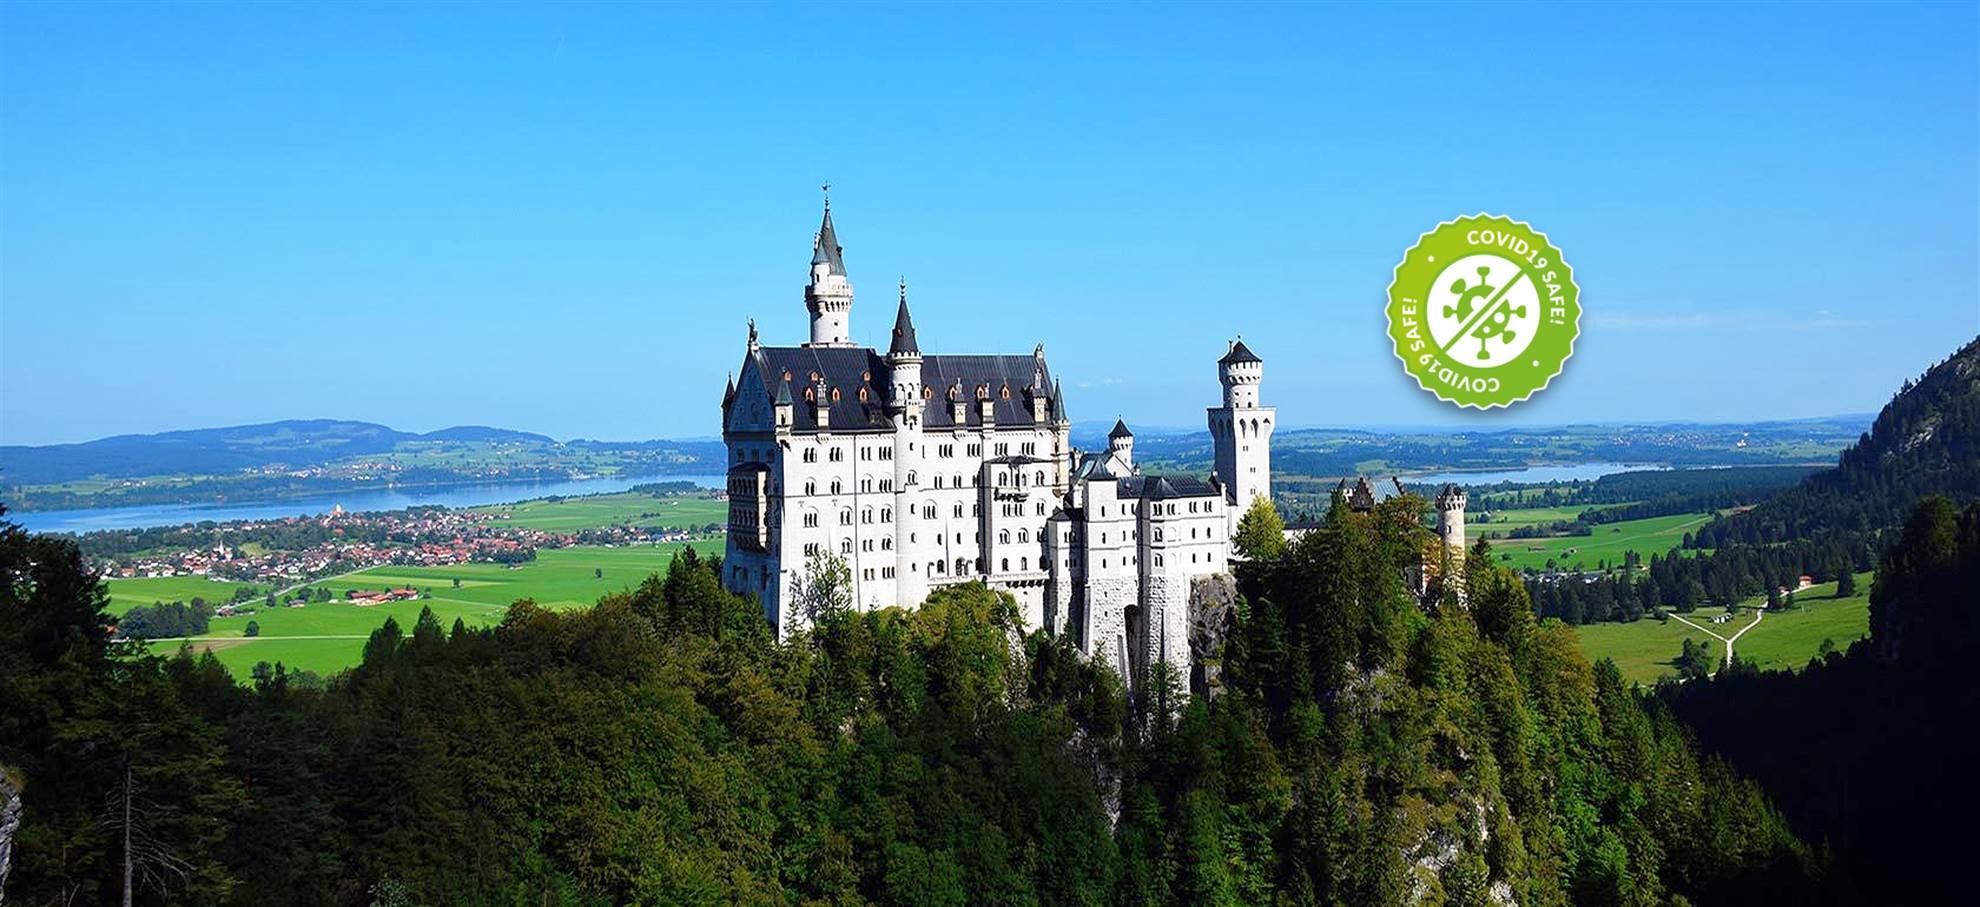 Château de Neuschwanstein - (De l'après-midi)